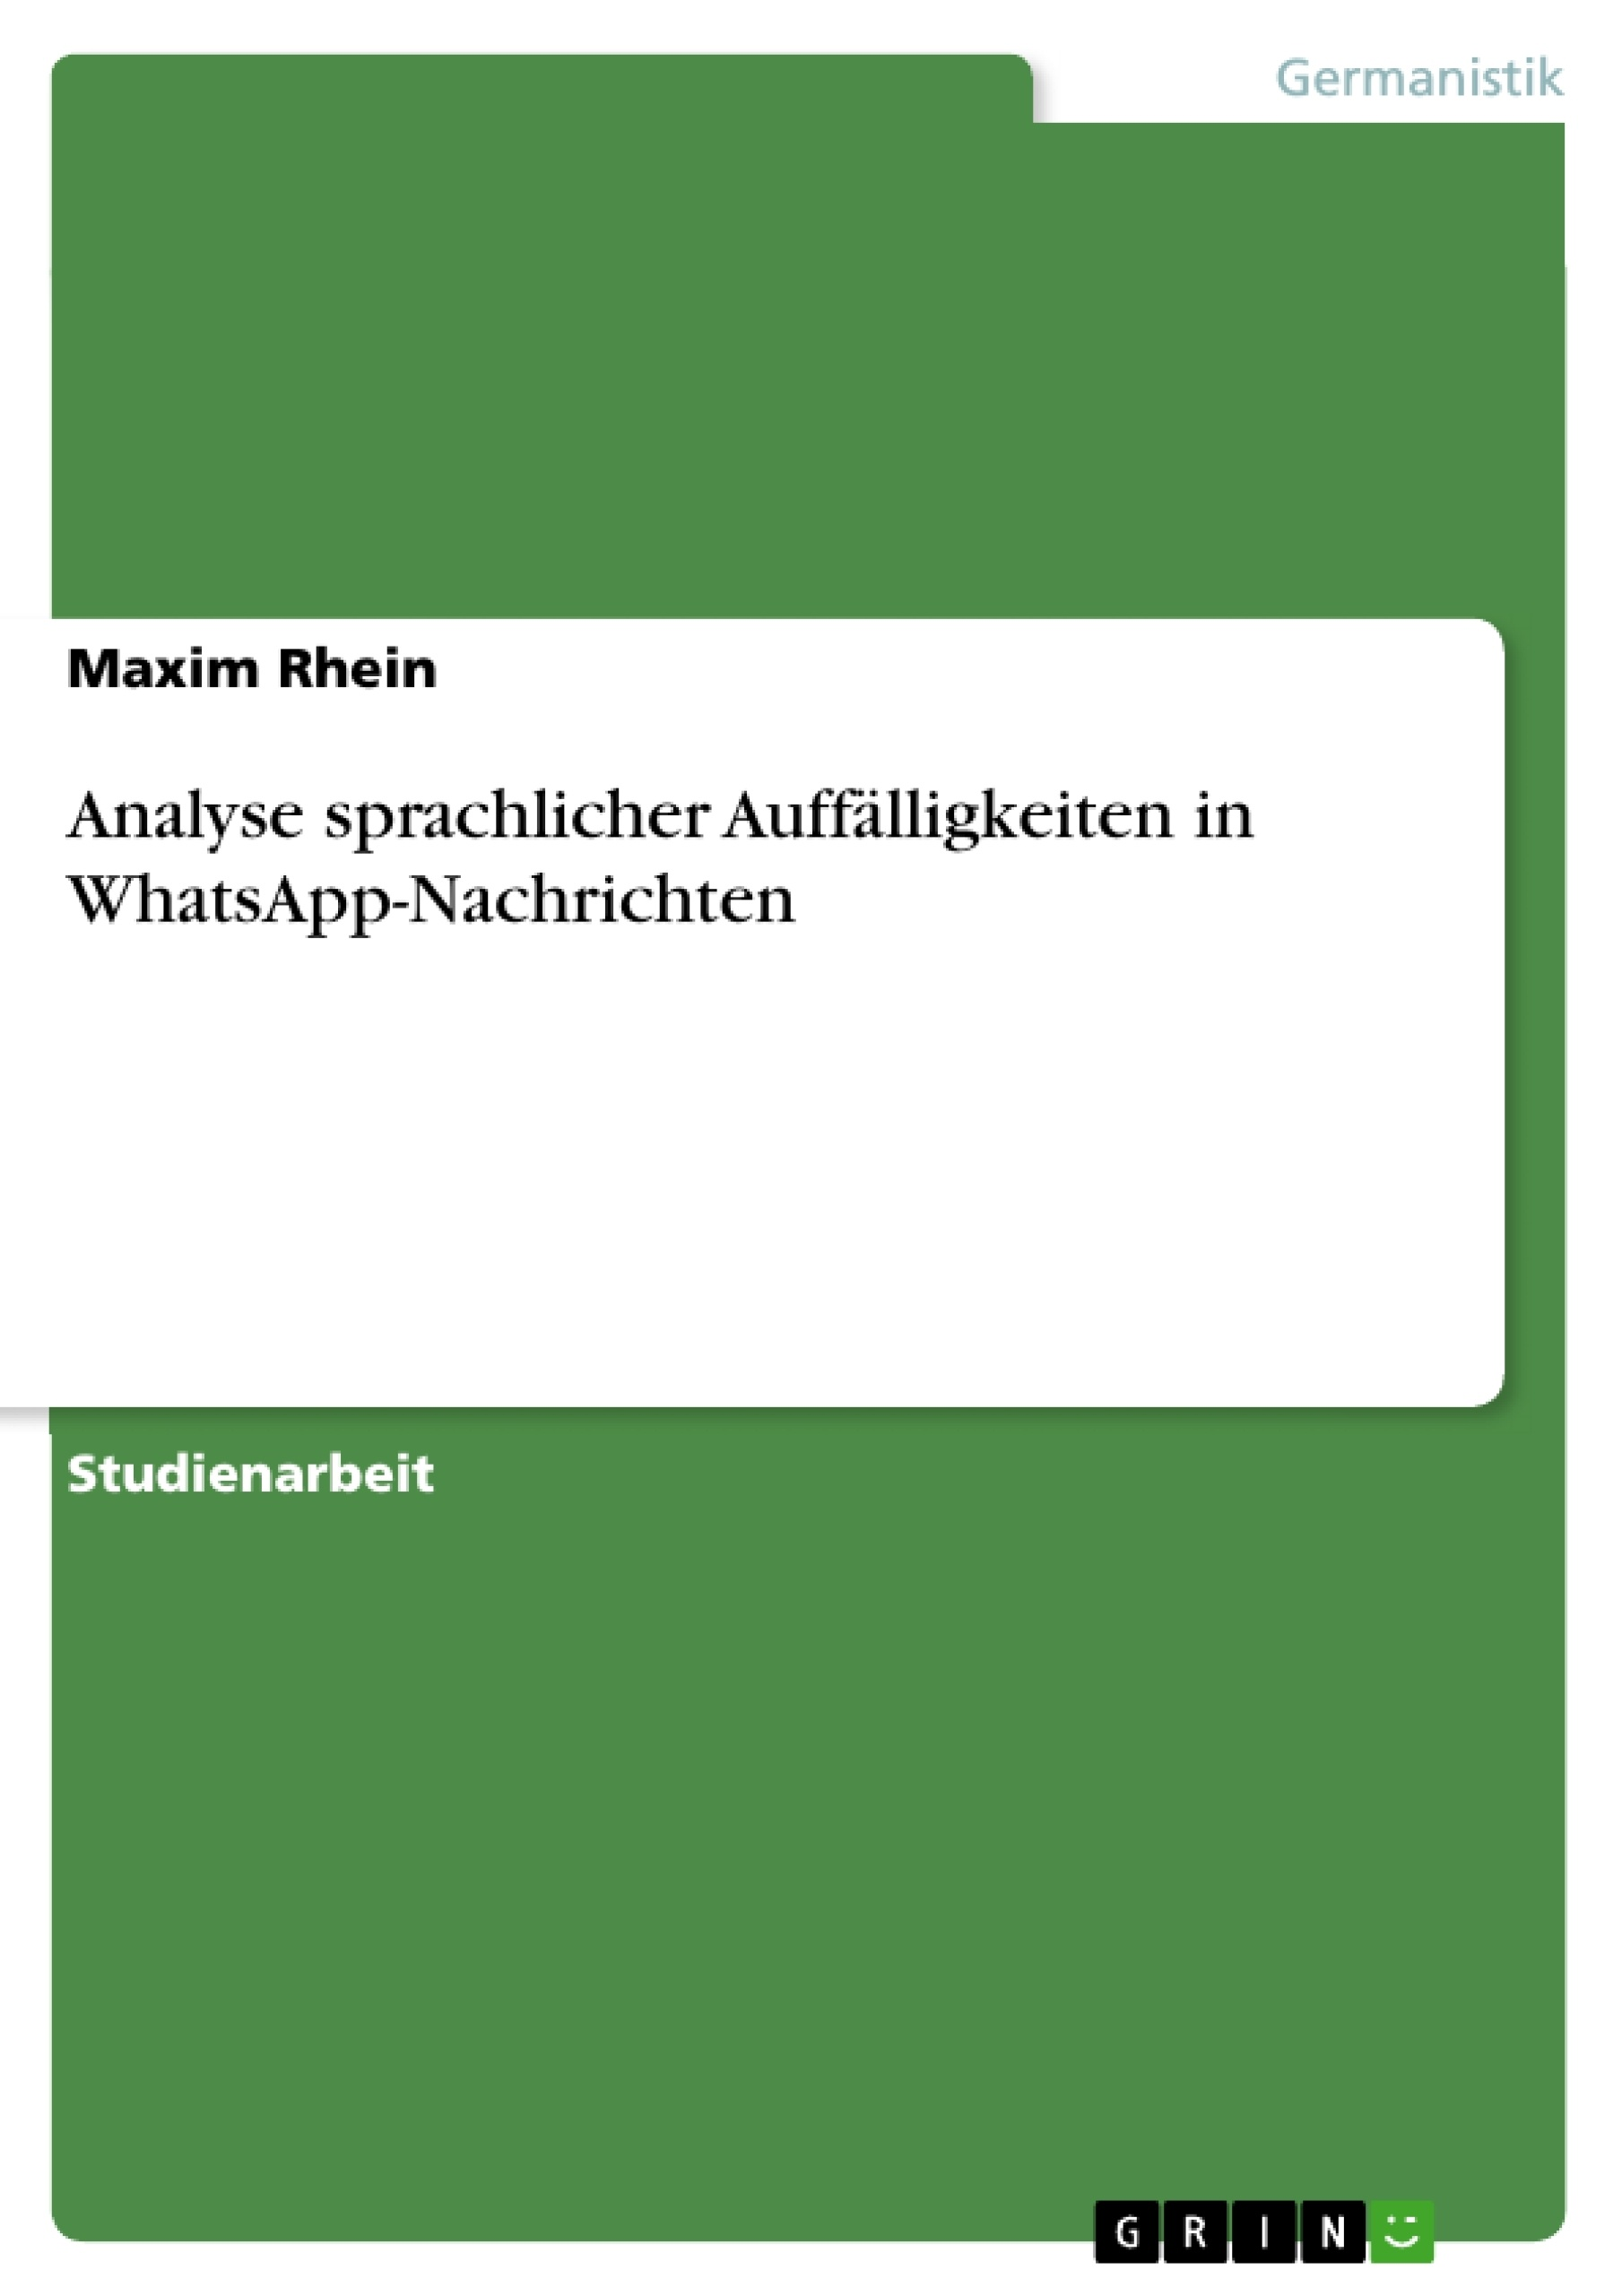 Titel: Analyse sprachlicher Auffälligkeiten in WhatsApp-Nachrichten